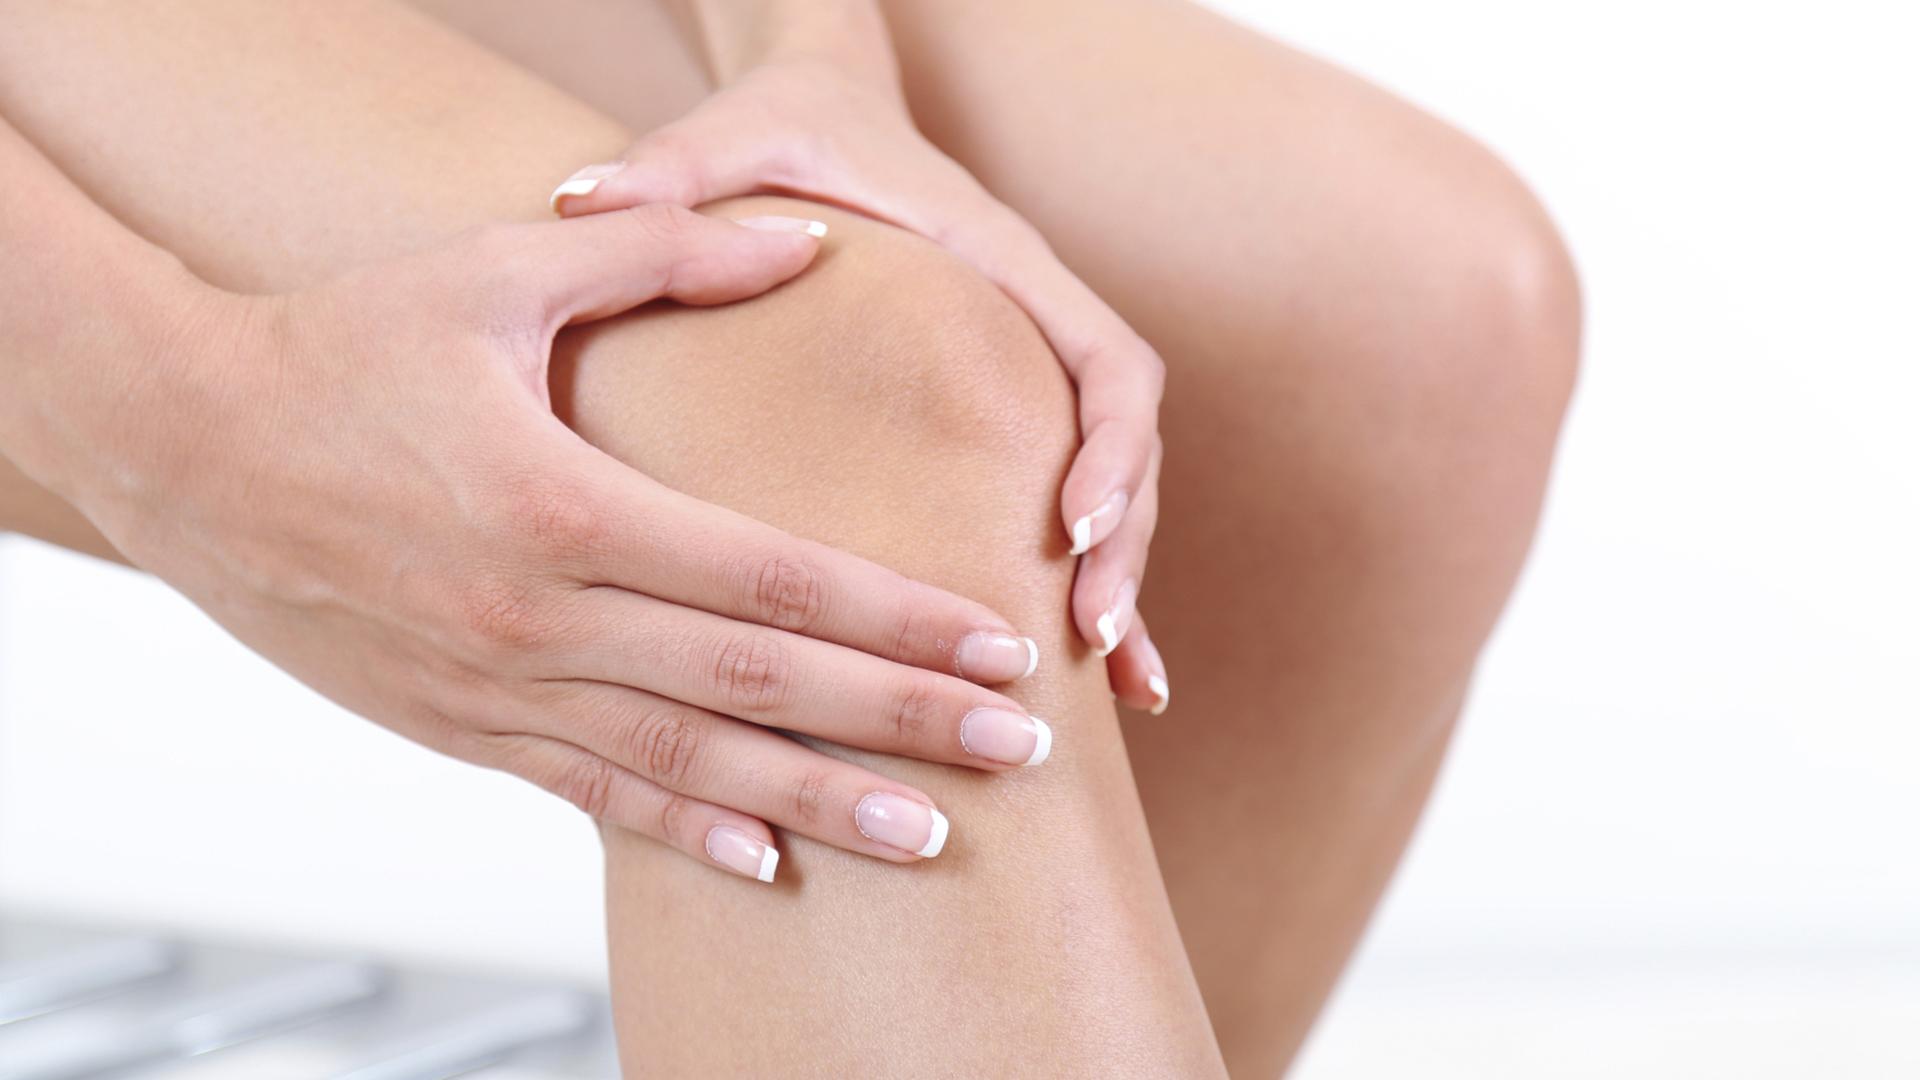 dureri articulare aproximativ durere degetul mare la încheietură